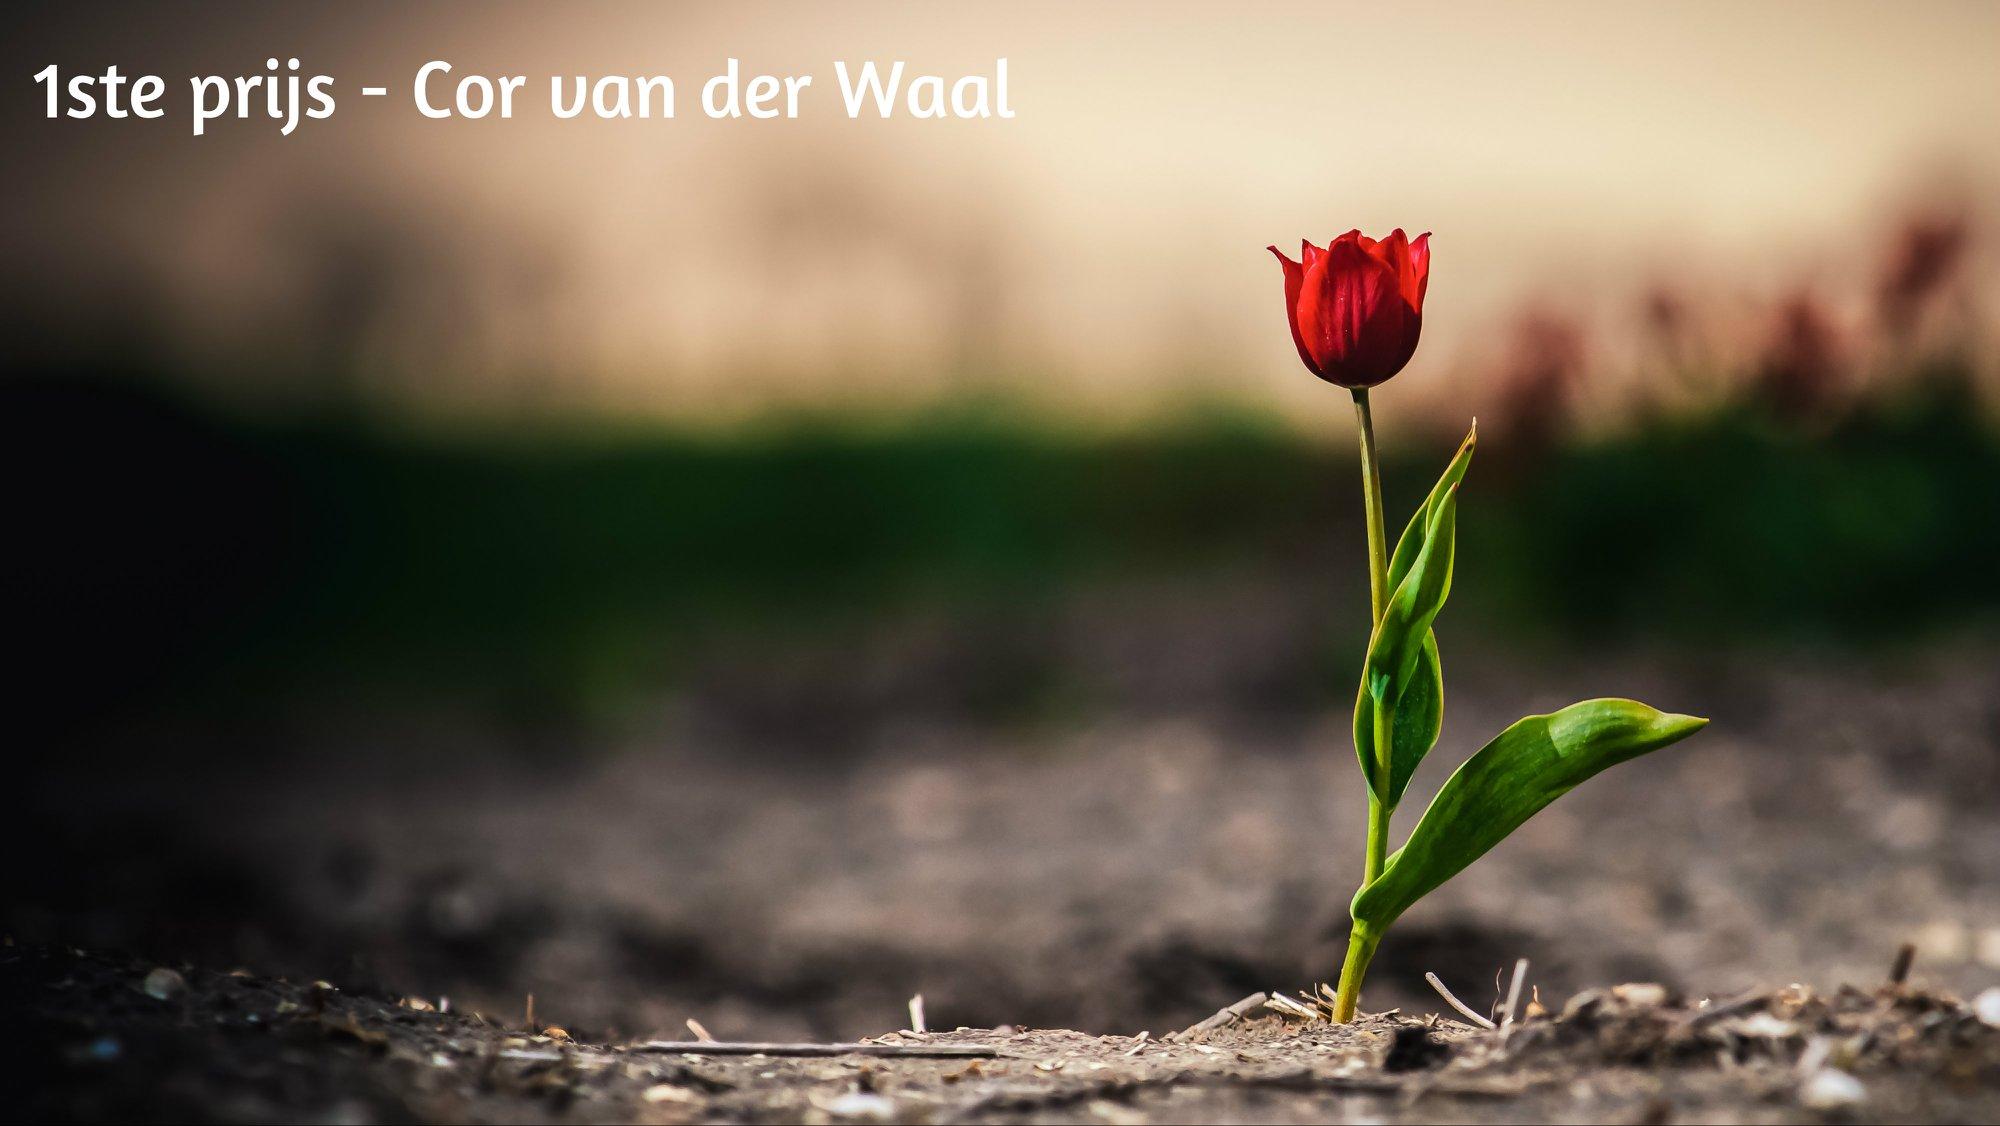 Winnaar Cor van der Waal | tulpen foto | wedstrijd